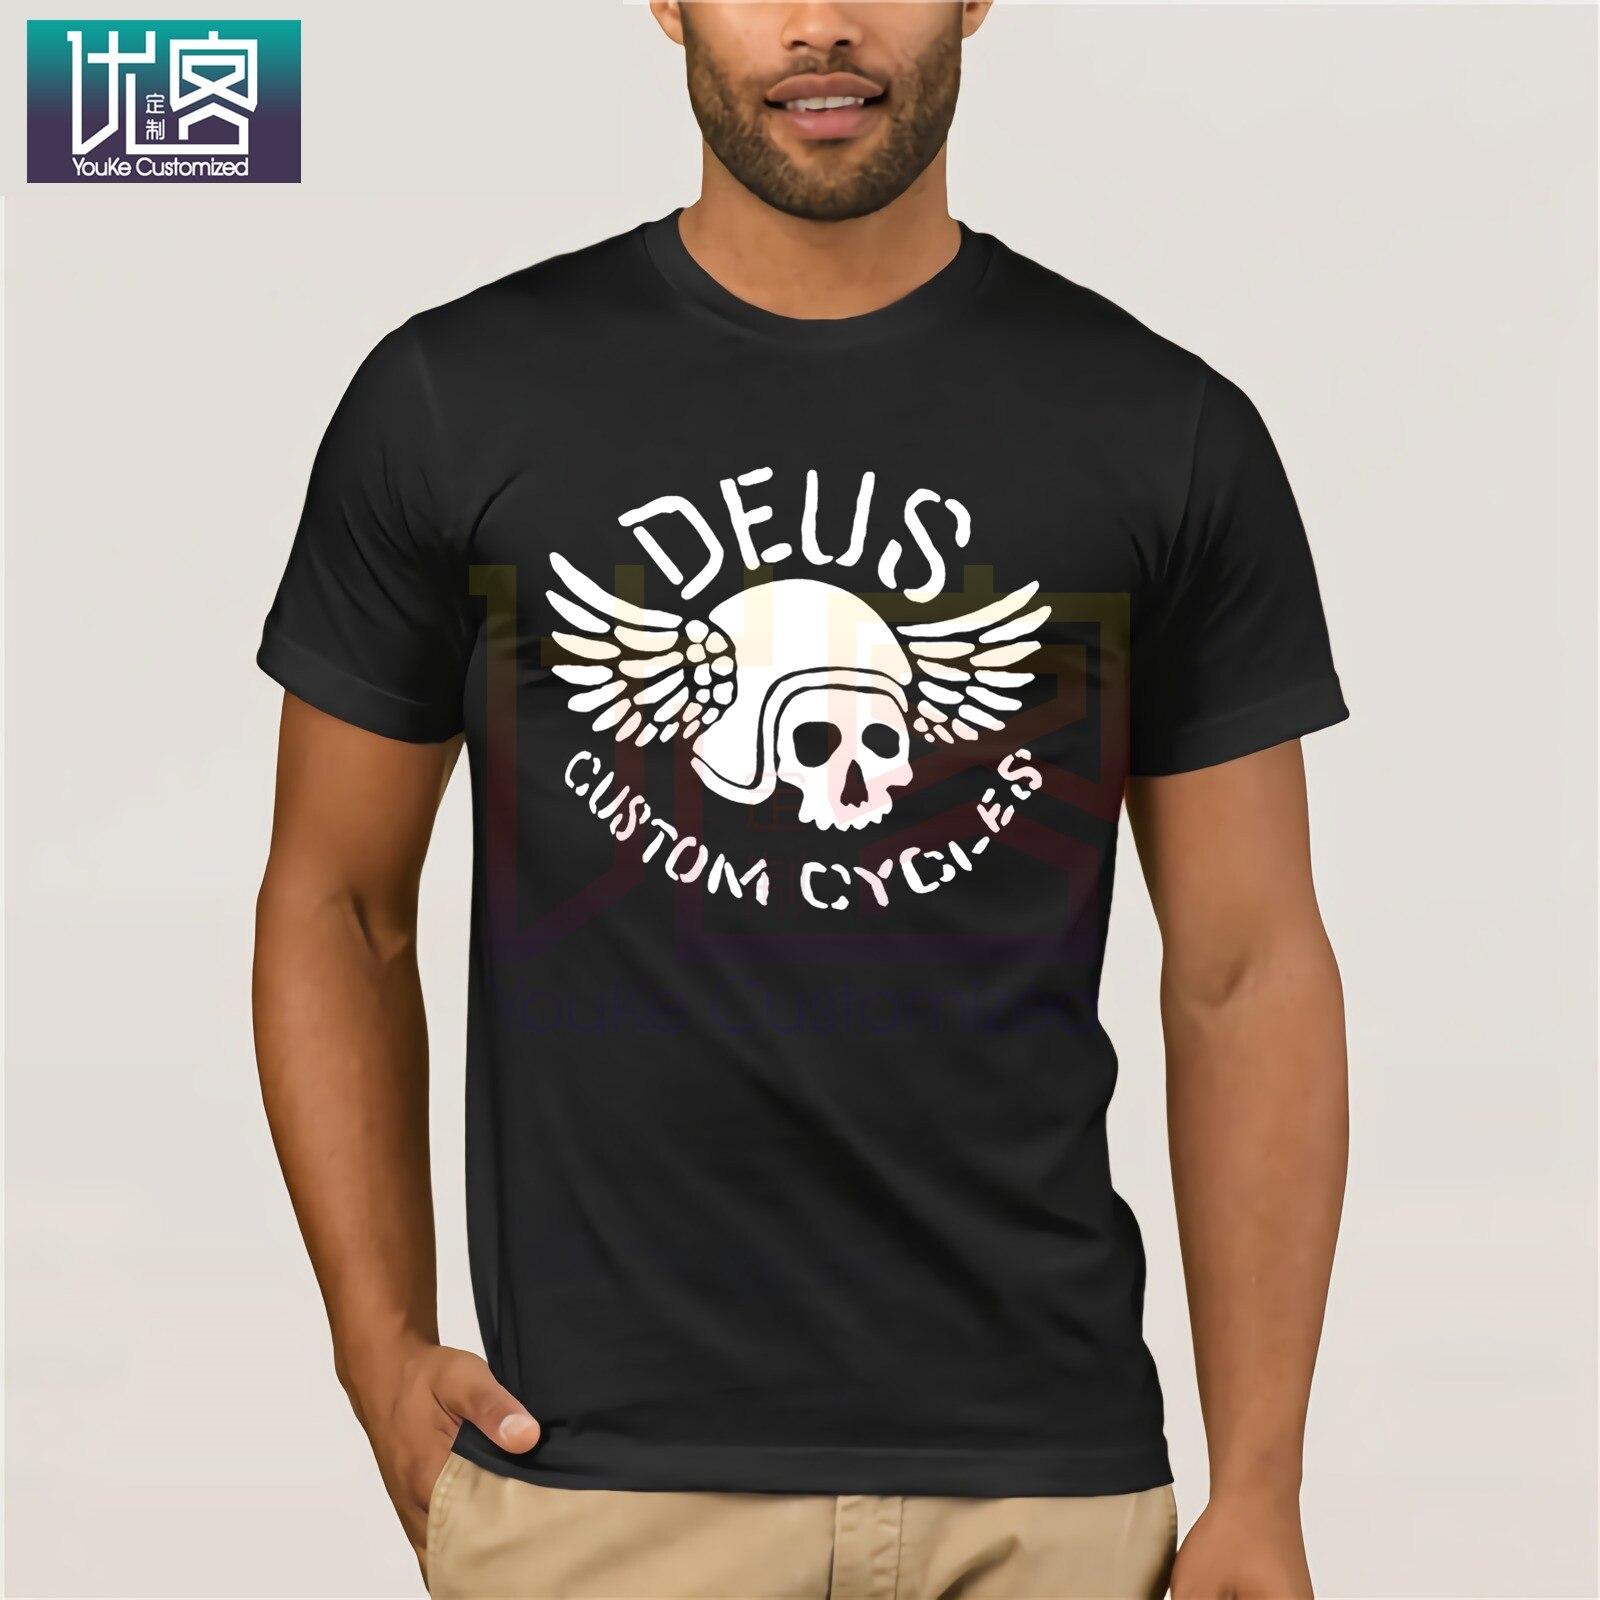 Deus Ex Machina Fly Dirt Футболка-темно-синий Marle Повседневный Топ с короткими рукавами хлопковая футболка подарок Забавные футболки хлопковые топы Футболка